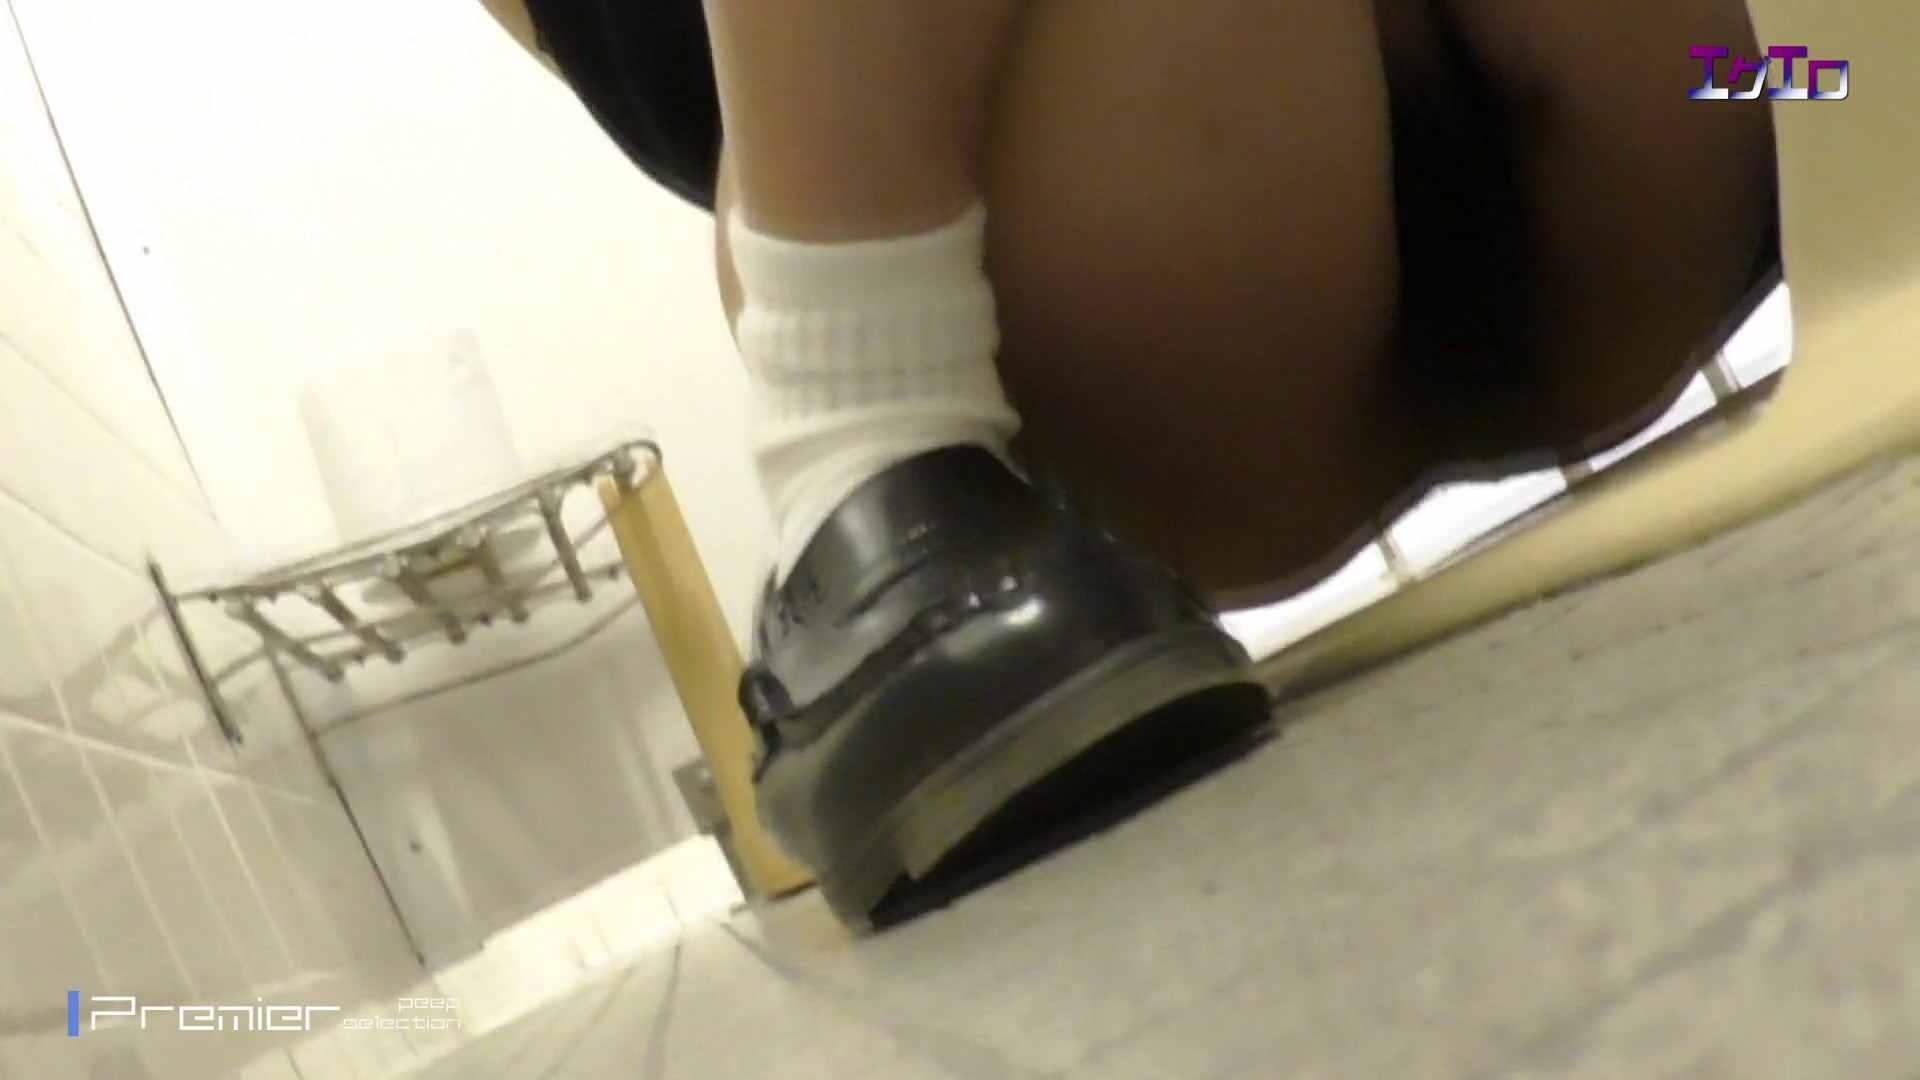 執念の撮影&追撮!!某女子校の通学路にあるトイレ 至近距離洗面所 Vol.16 リアルトイレ  101Pix 39